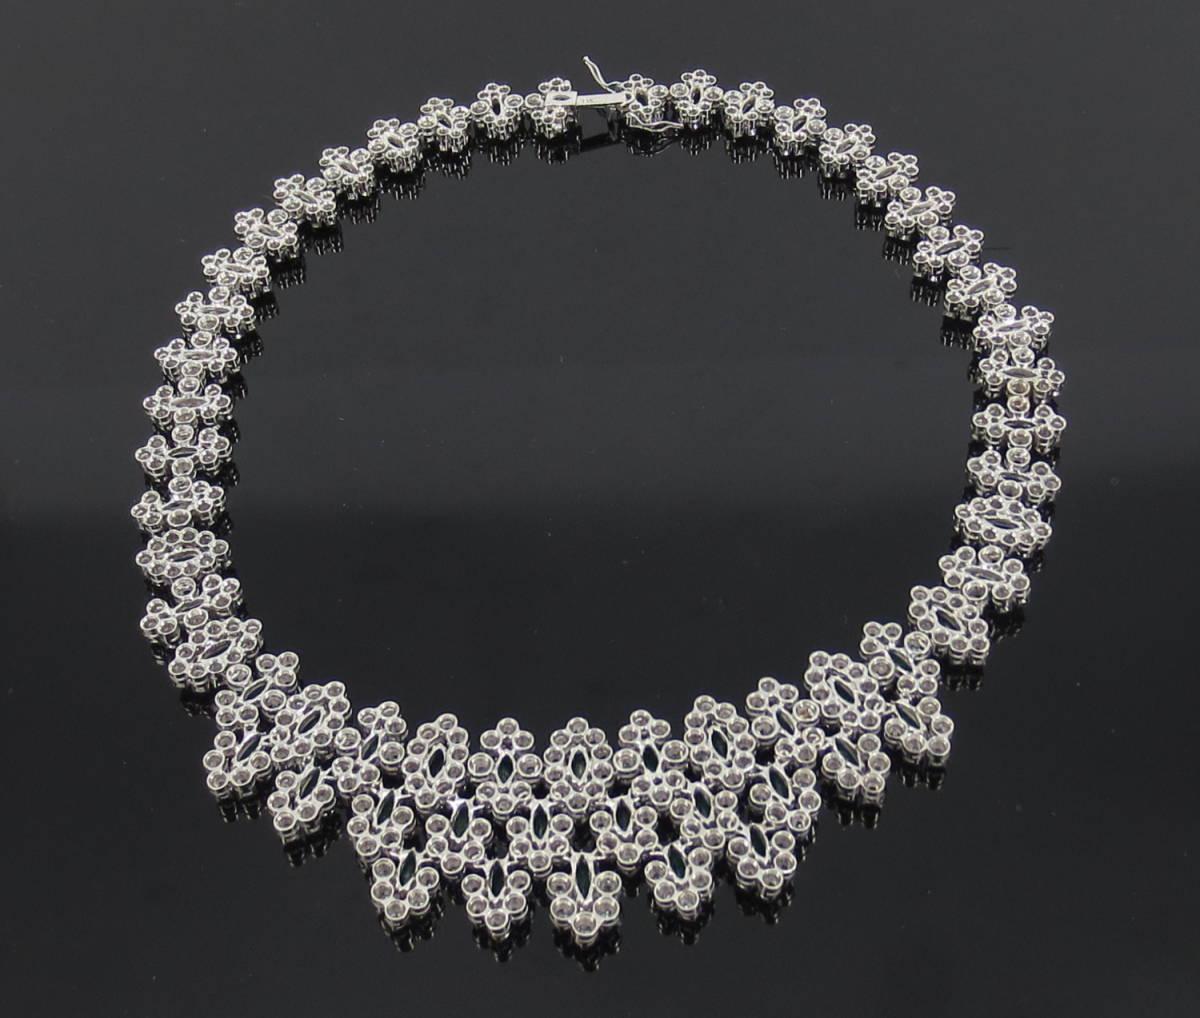 【ヴィンテージ】29.0ct ダイヤモンド 24.0ct コロンビア産 エメラルド 18金ホワイトゴールド ネックレス_画像5